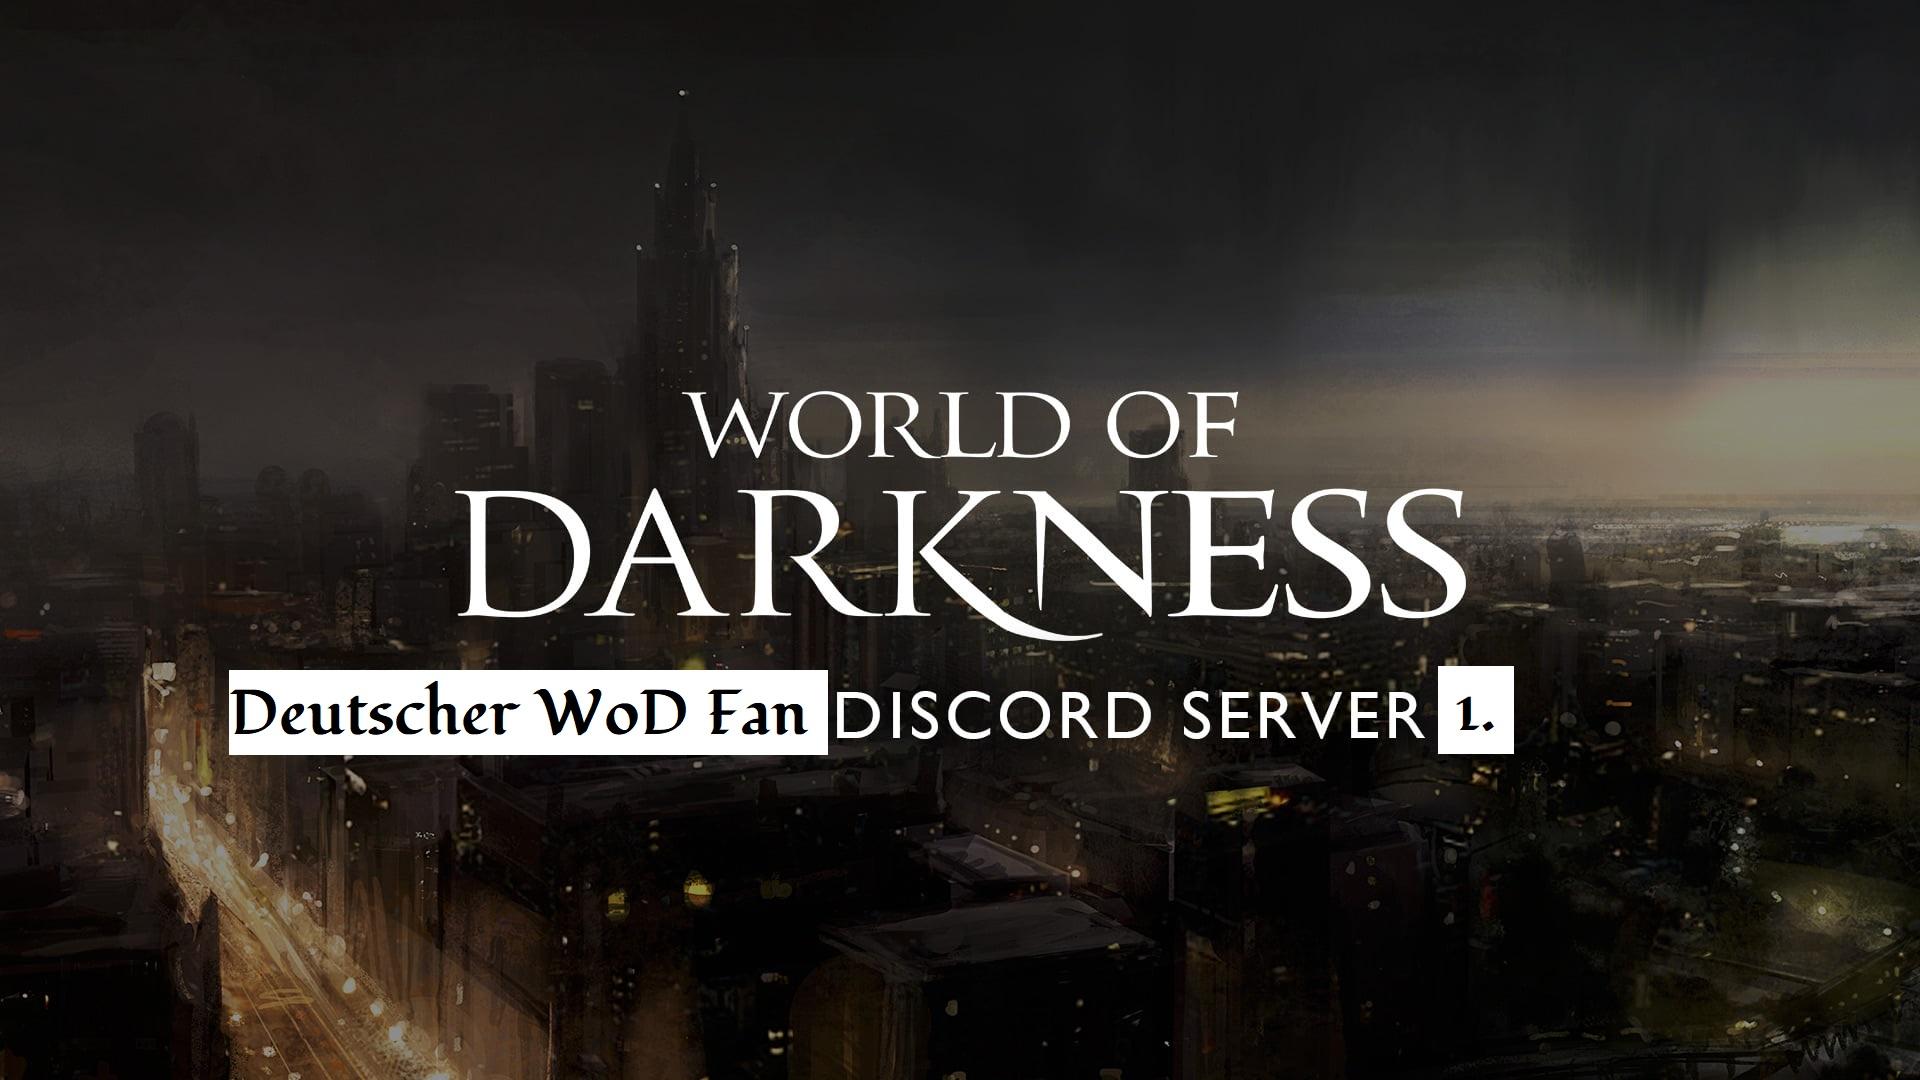 Welt der Dunkelheit - Deutschsprachiger Discord Server